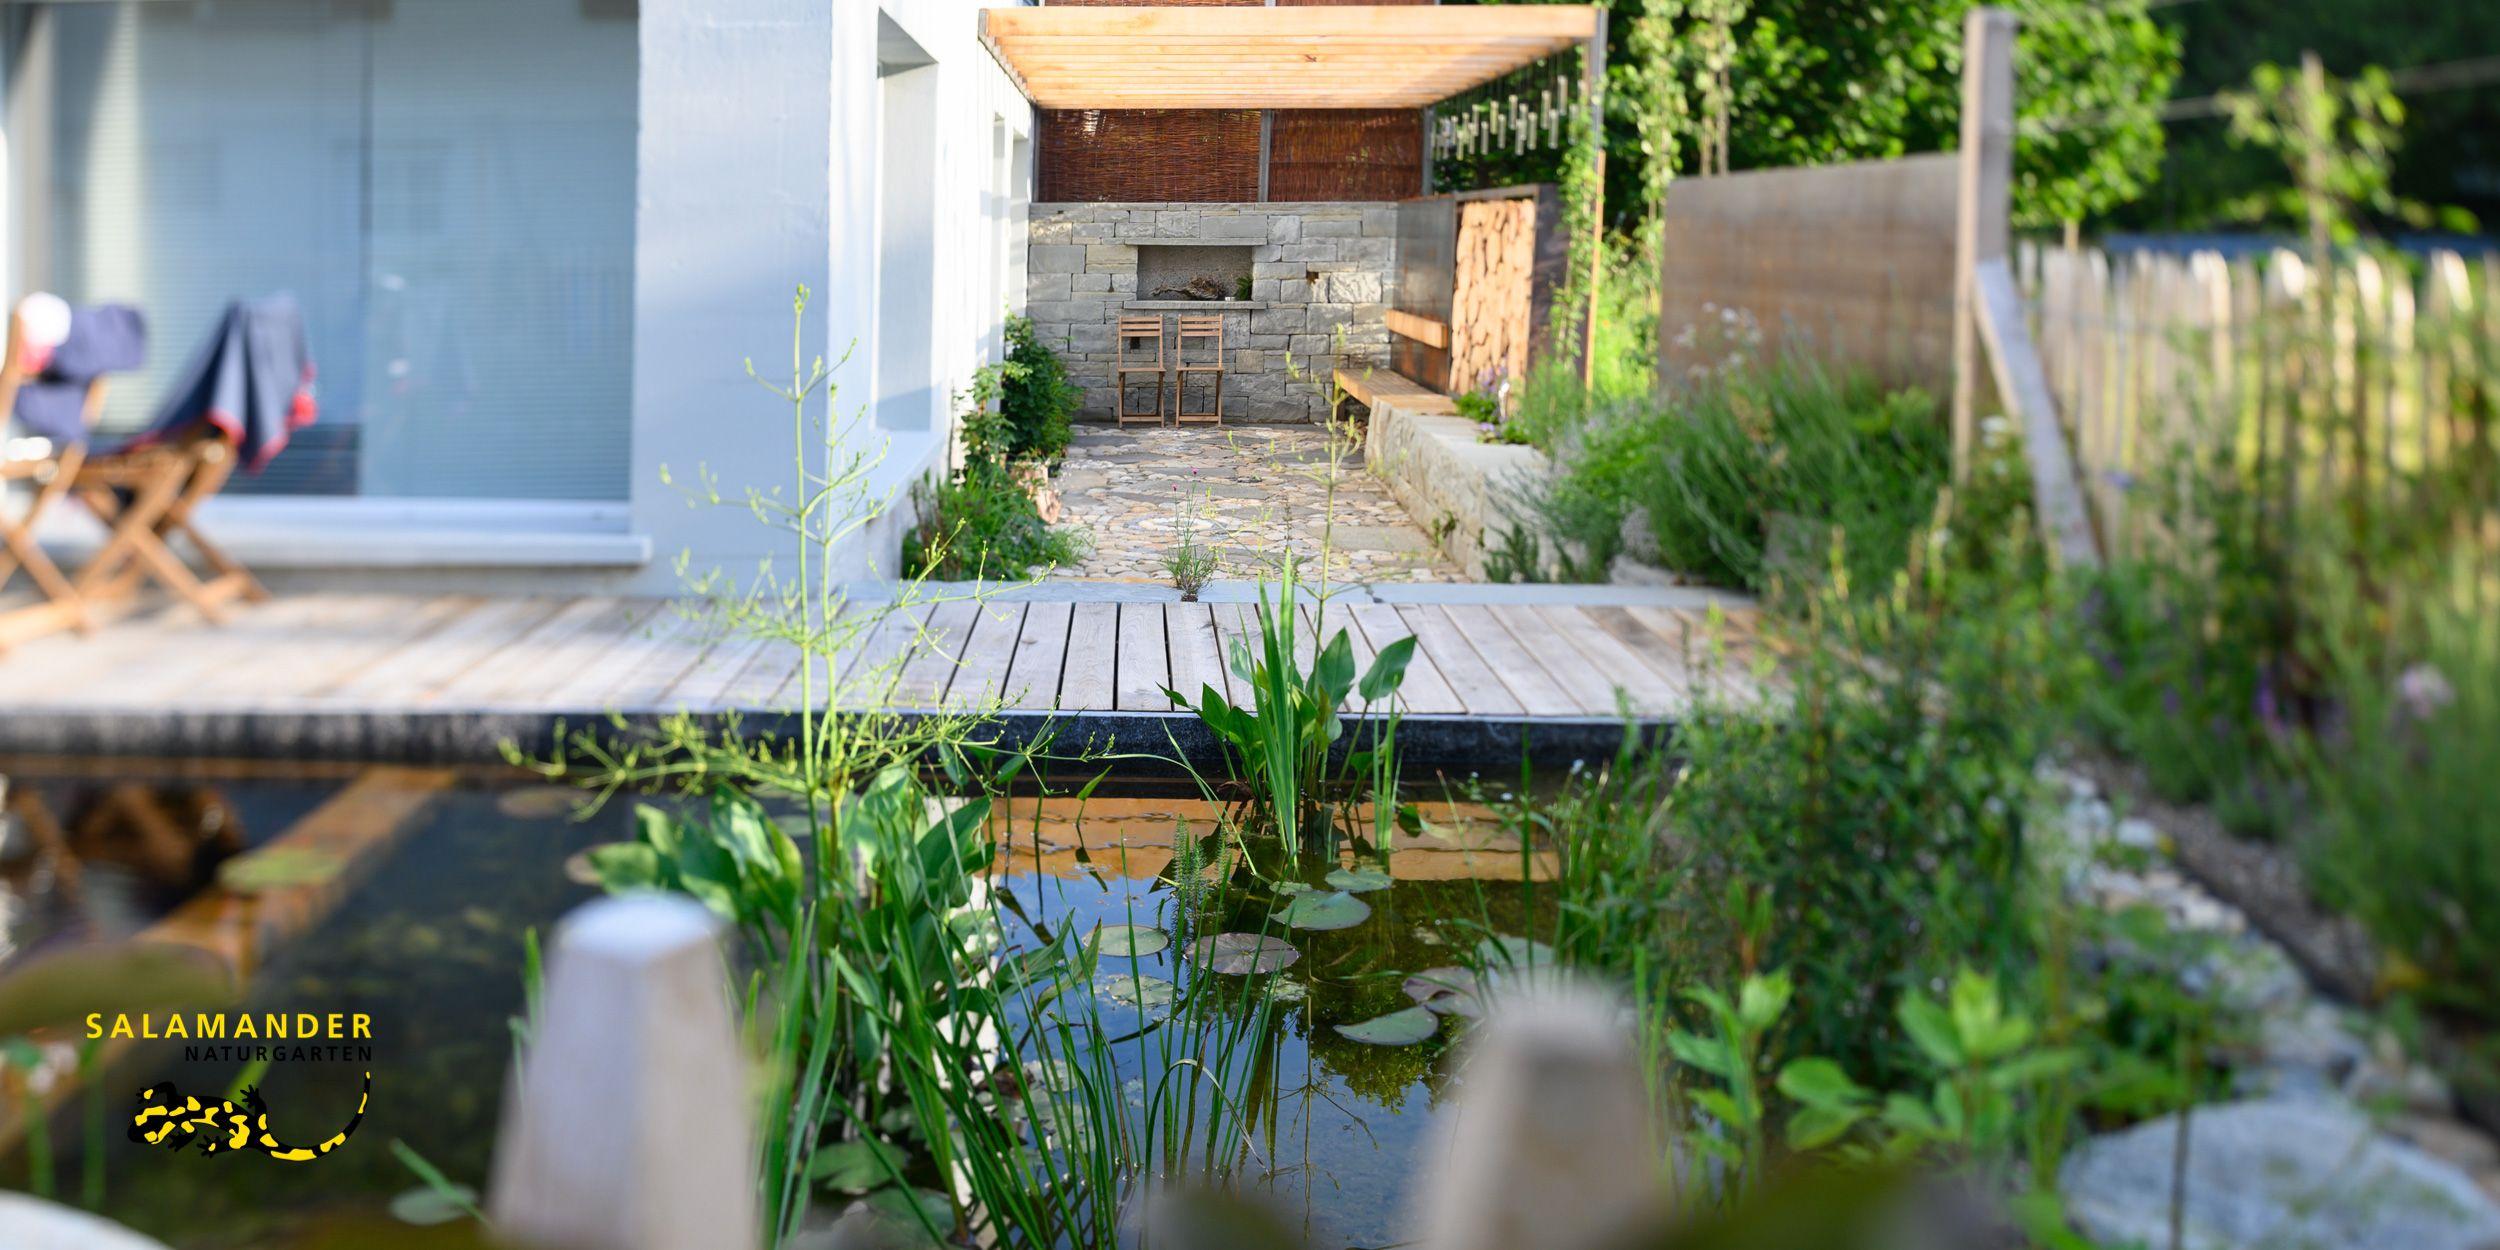 Sehen Sie In Unserer Musteranlage Das Resultat Unseres Eingebauten Schwimmteich Eigenbaukits Sc Schwimmteich Schwimmteich Selber Bauen Naturgarten